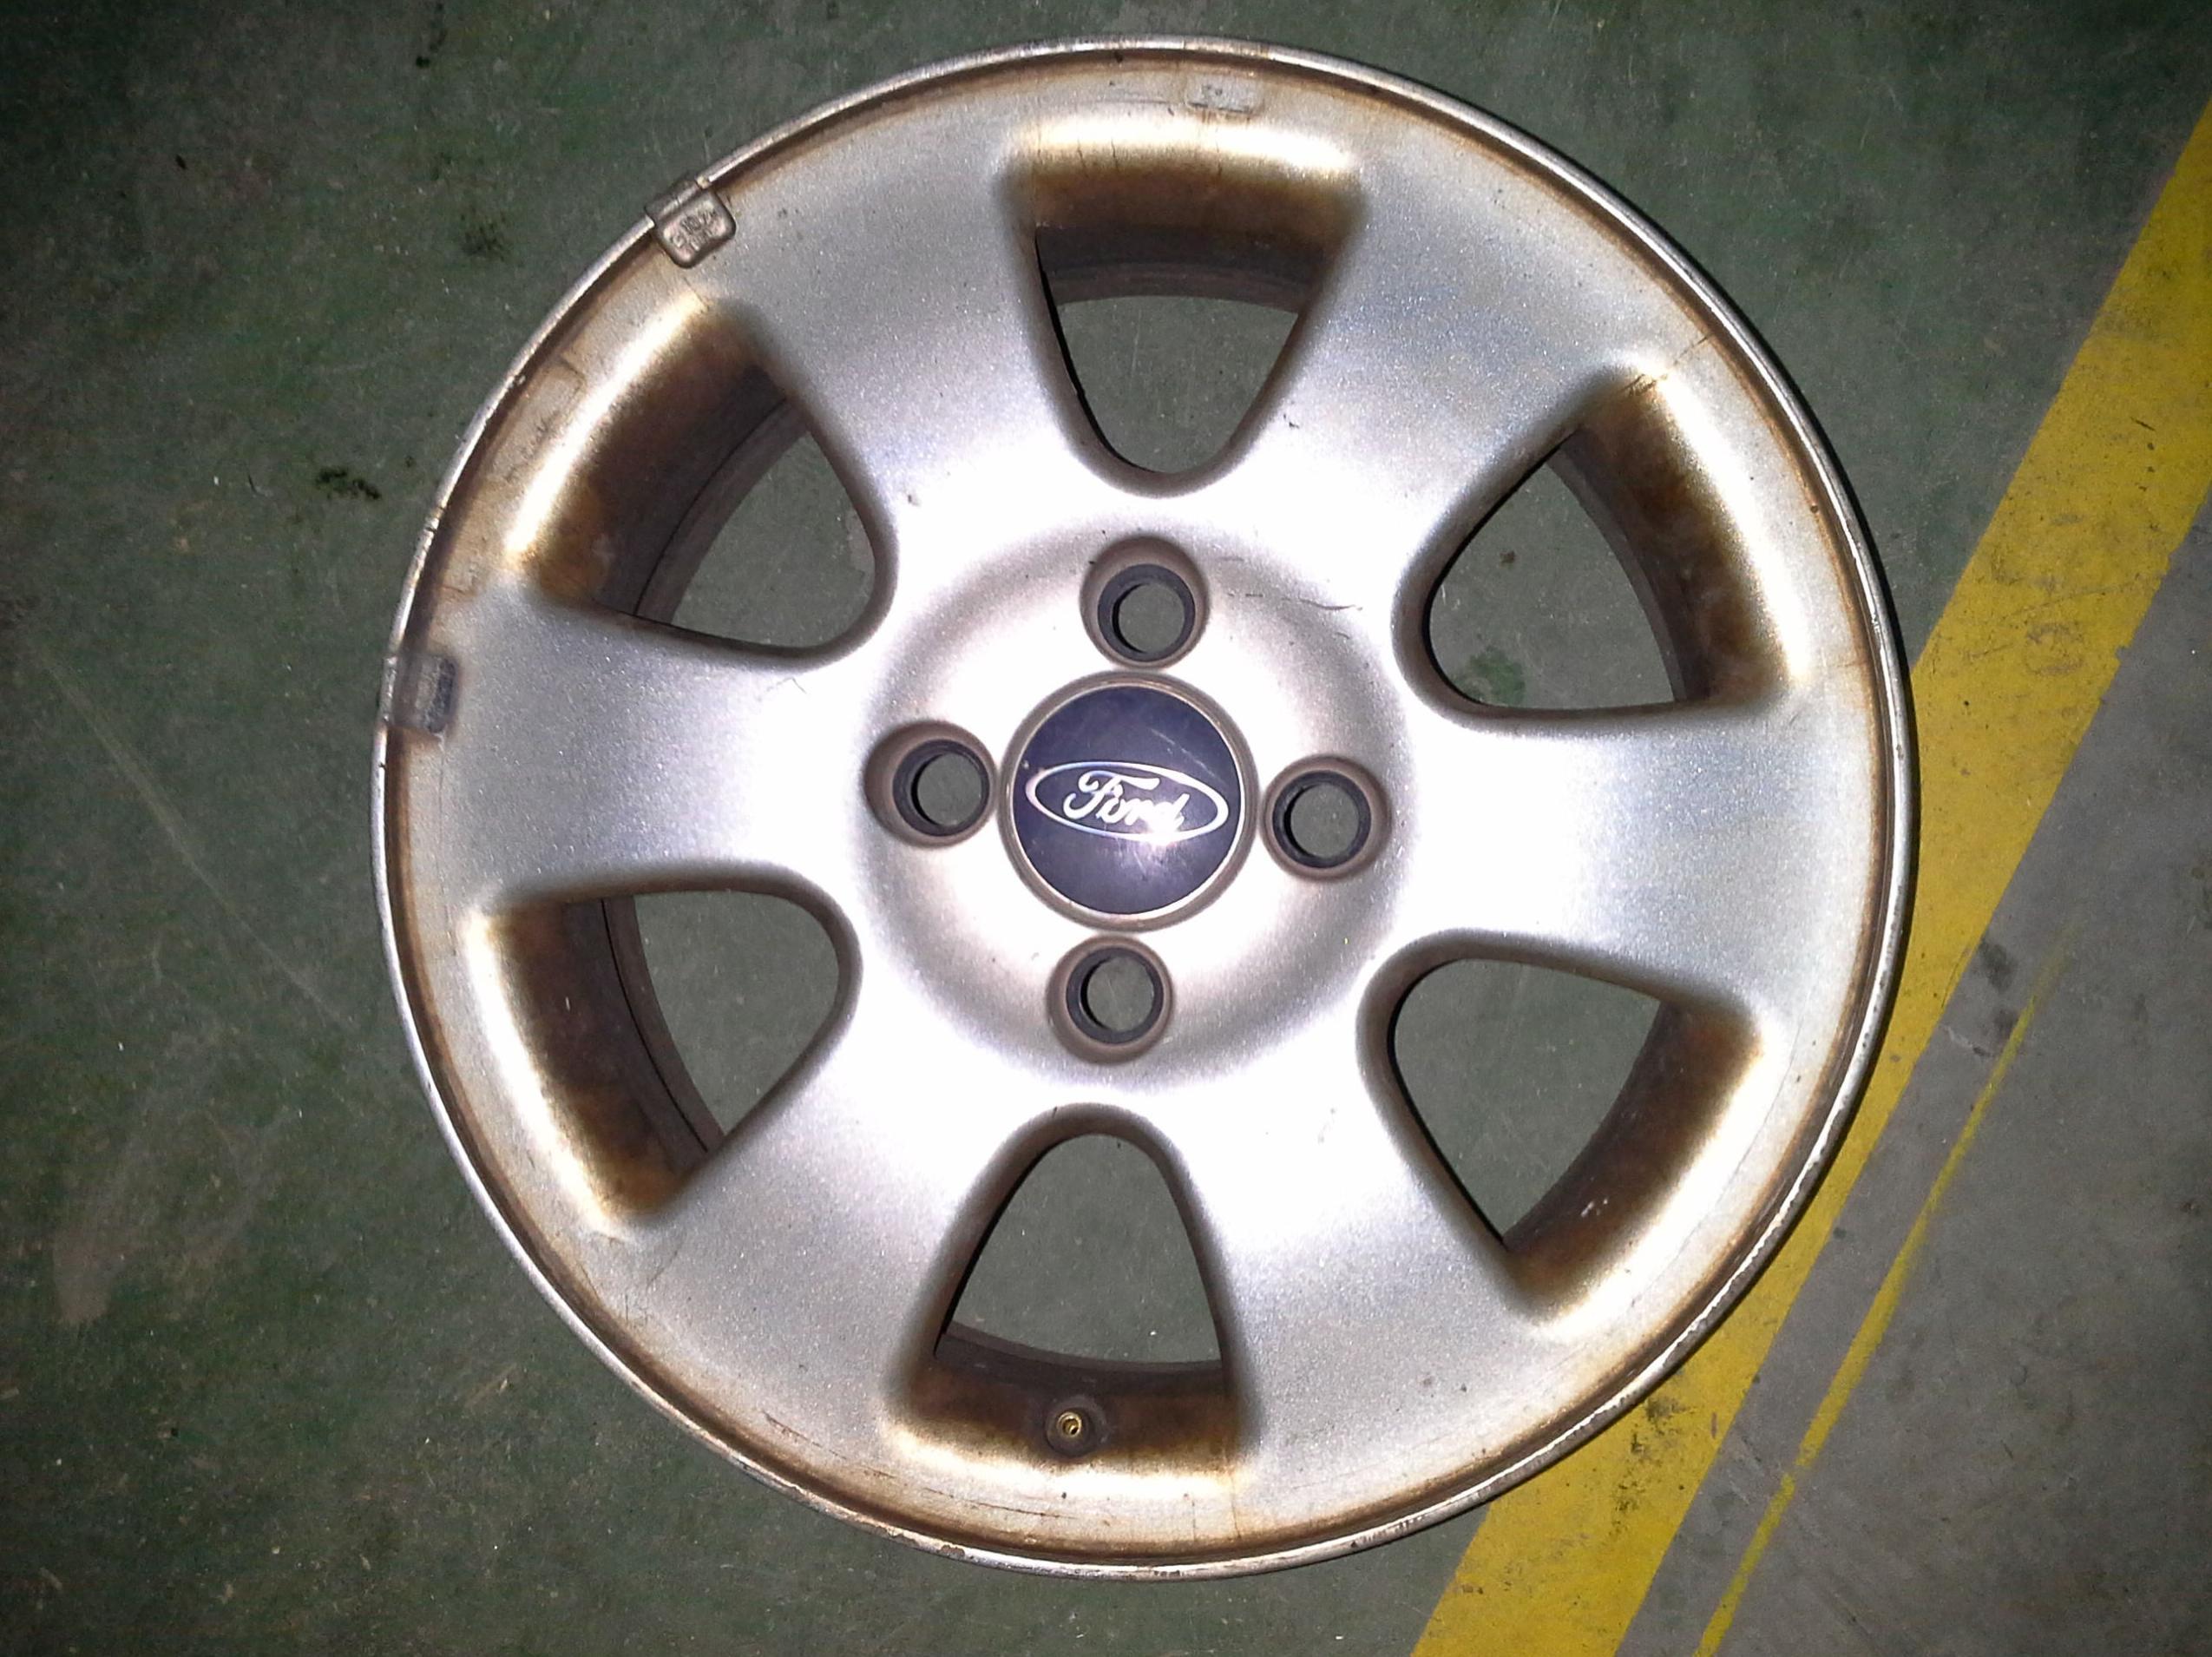 Llantas de aluminio de Ford en R-15 en desguaces Clemente de Albacete